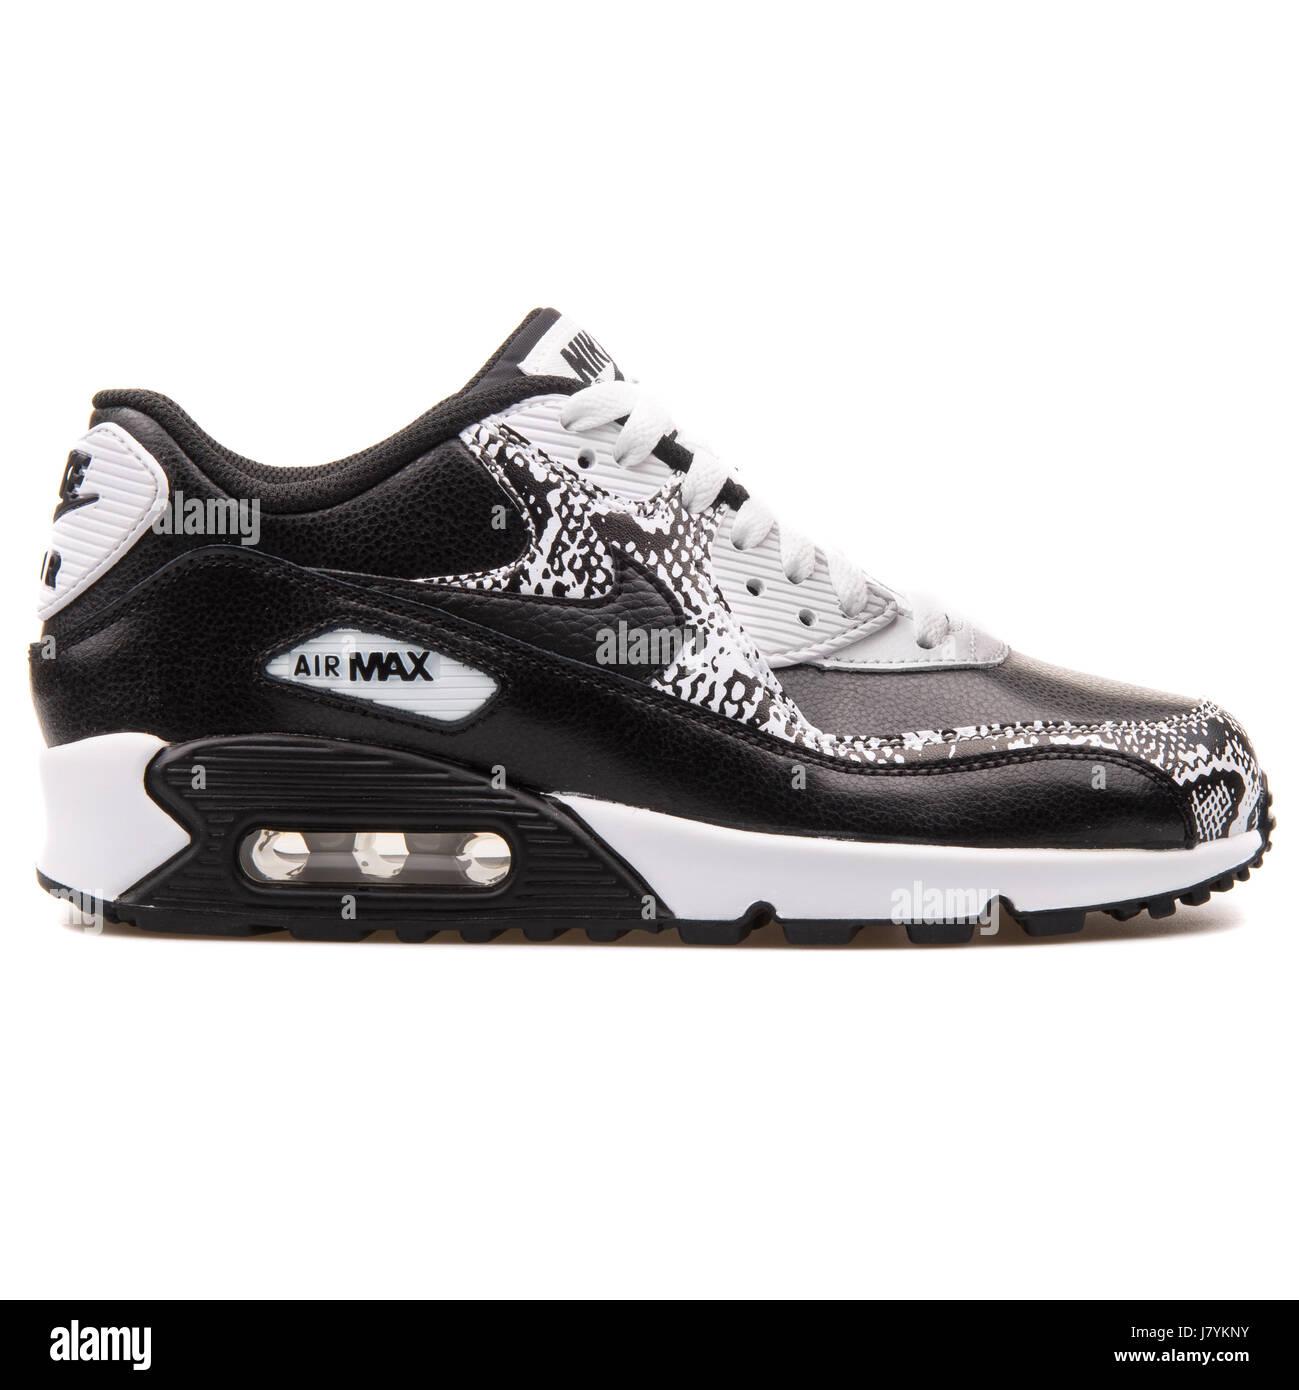 huge discount 155ec d5b84 Nike Air Max 90 Premium LTR (GS) Les jeunes en noir et blanc Sneakers